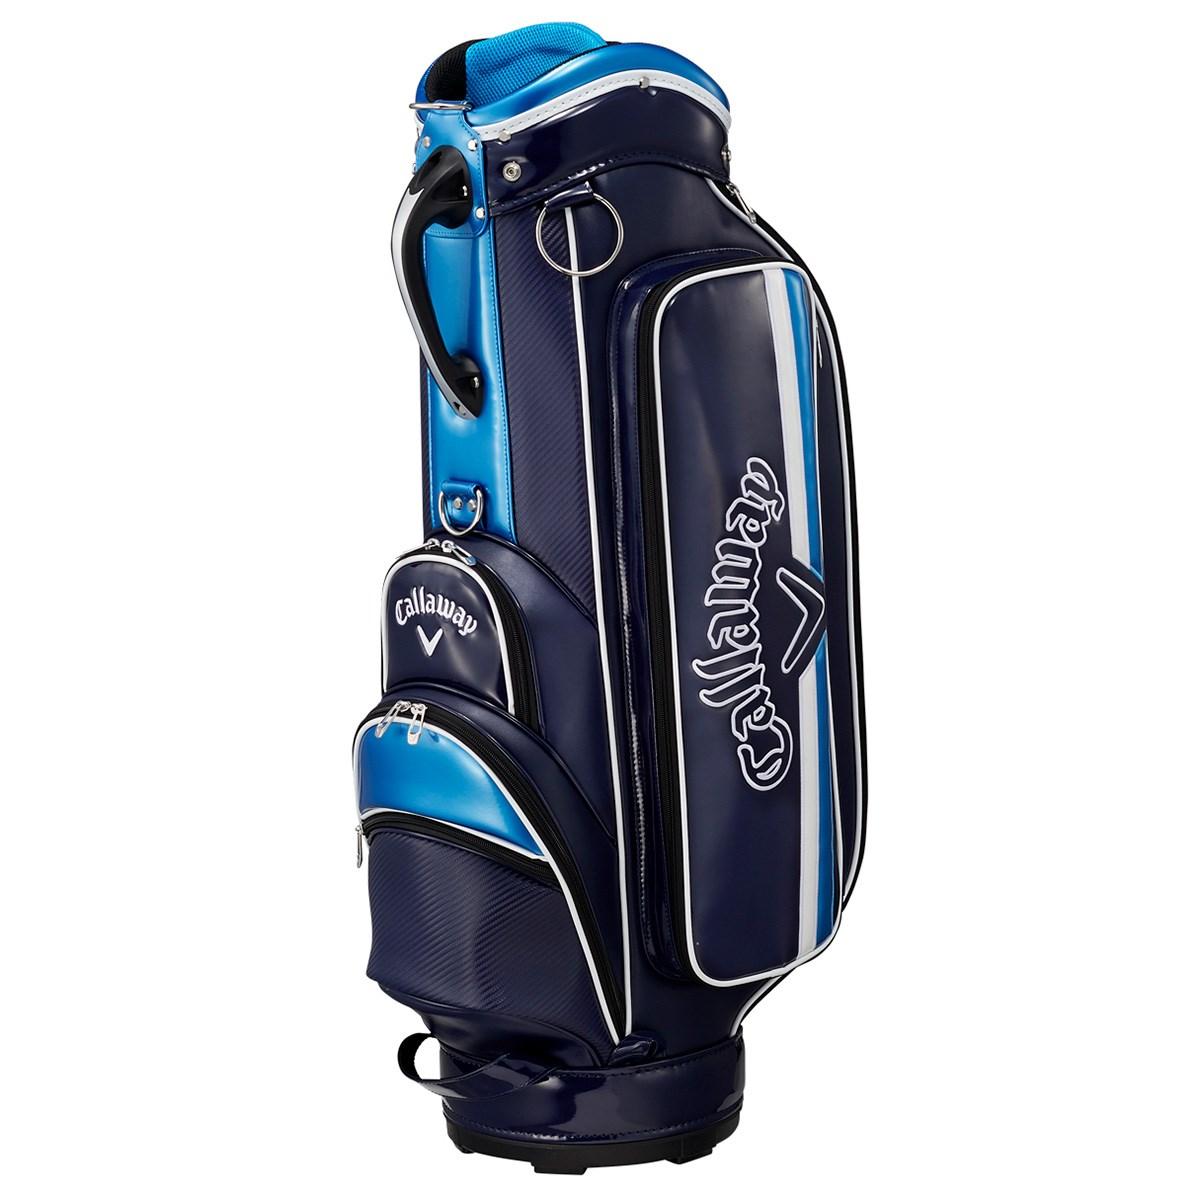 キャロウェイゴルフ Callaway Golf SOLID JM キャディバッグ ネイビー